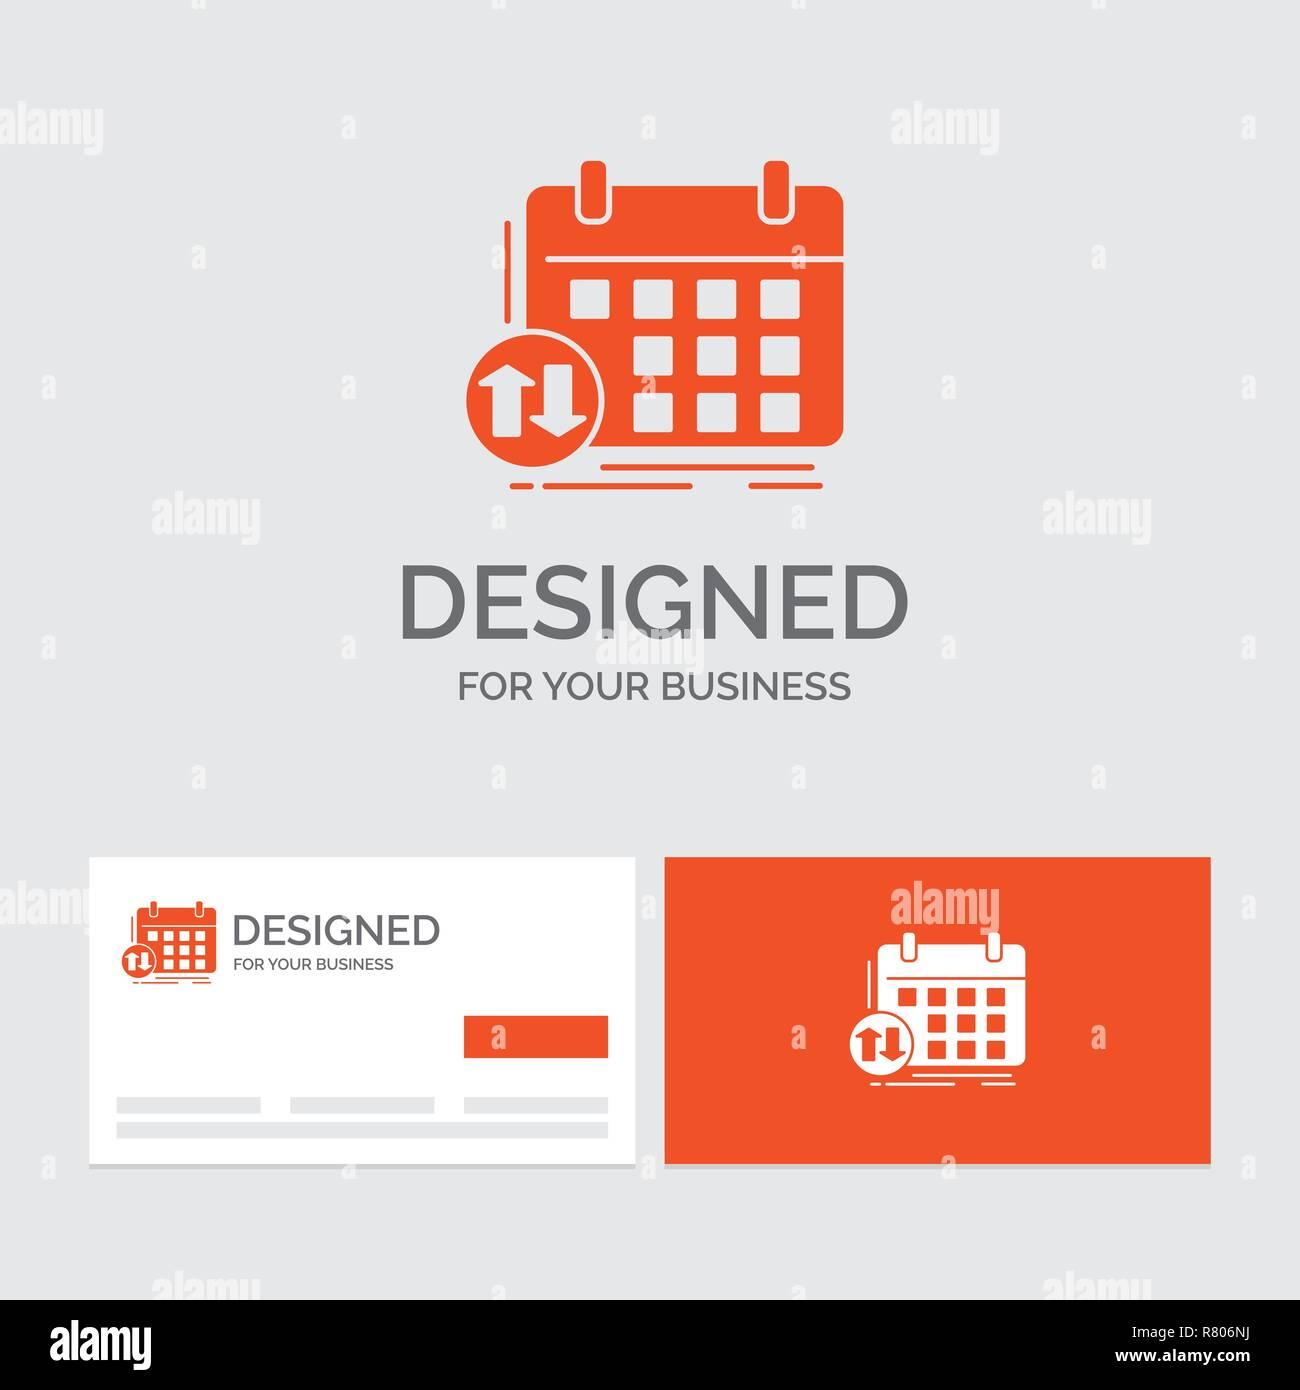 Modele De Logo Dentreprise Pour Lhoraire Classes Calendrier Rendez Vous Evenement Cartes Visite Orange Avec Marque